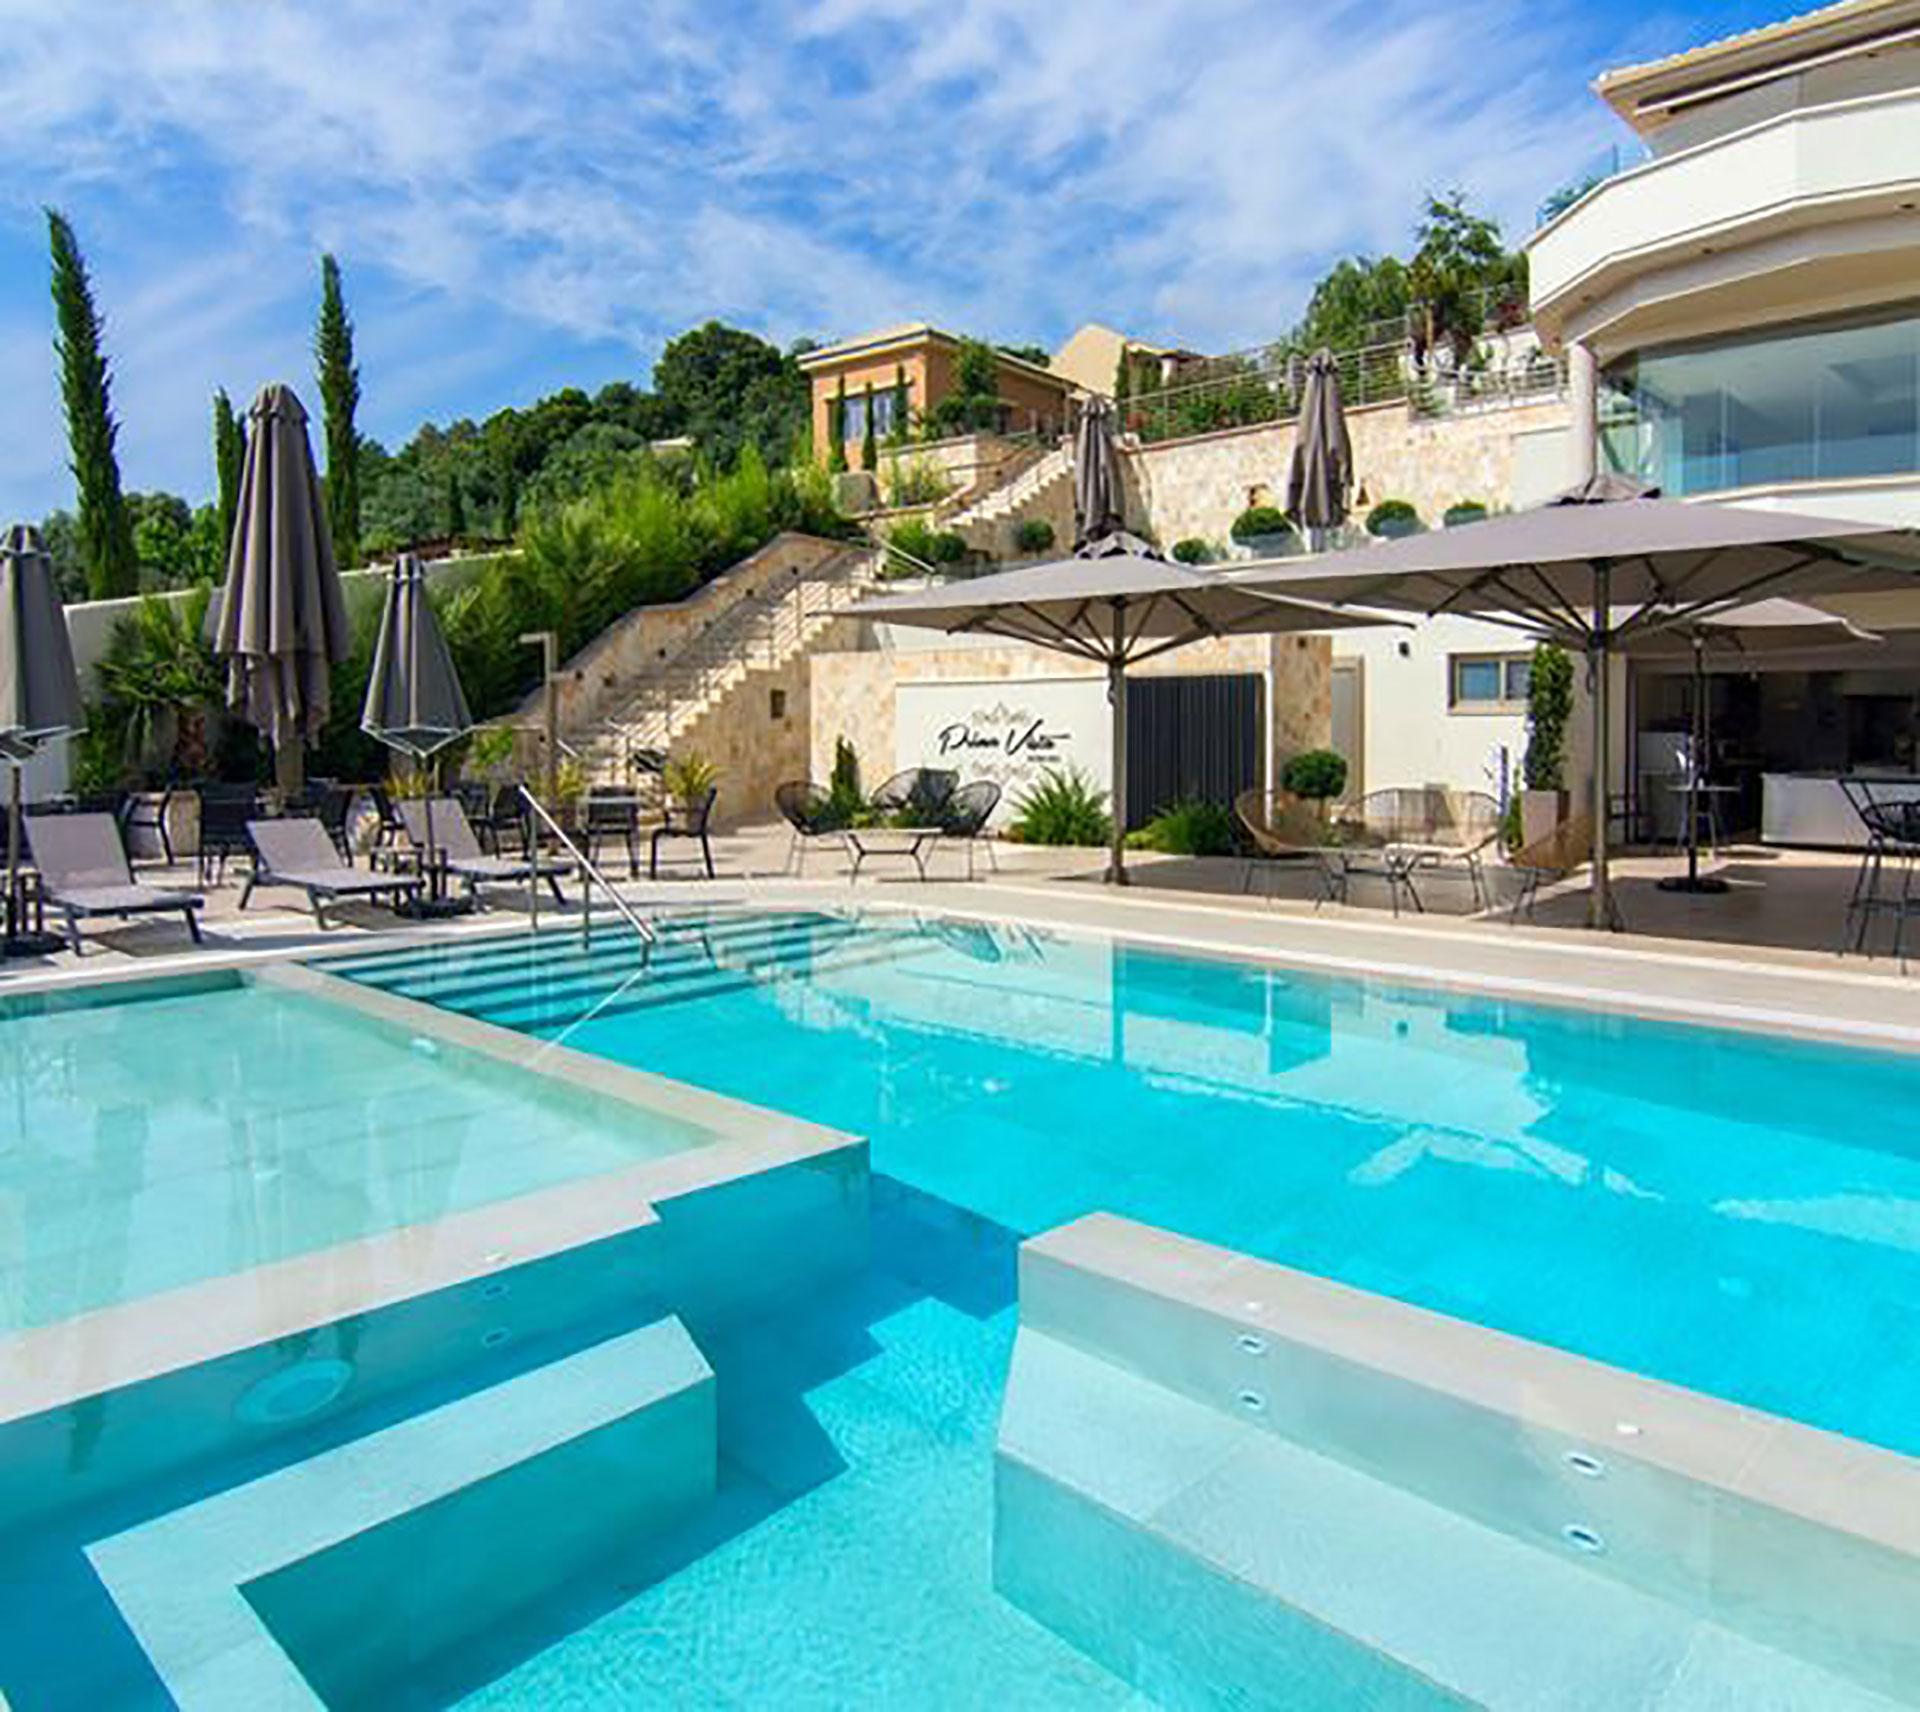 """Exterior Design """"Prima Vista Hotel"""" pool to rooms view"""